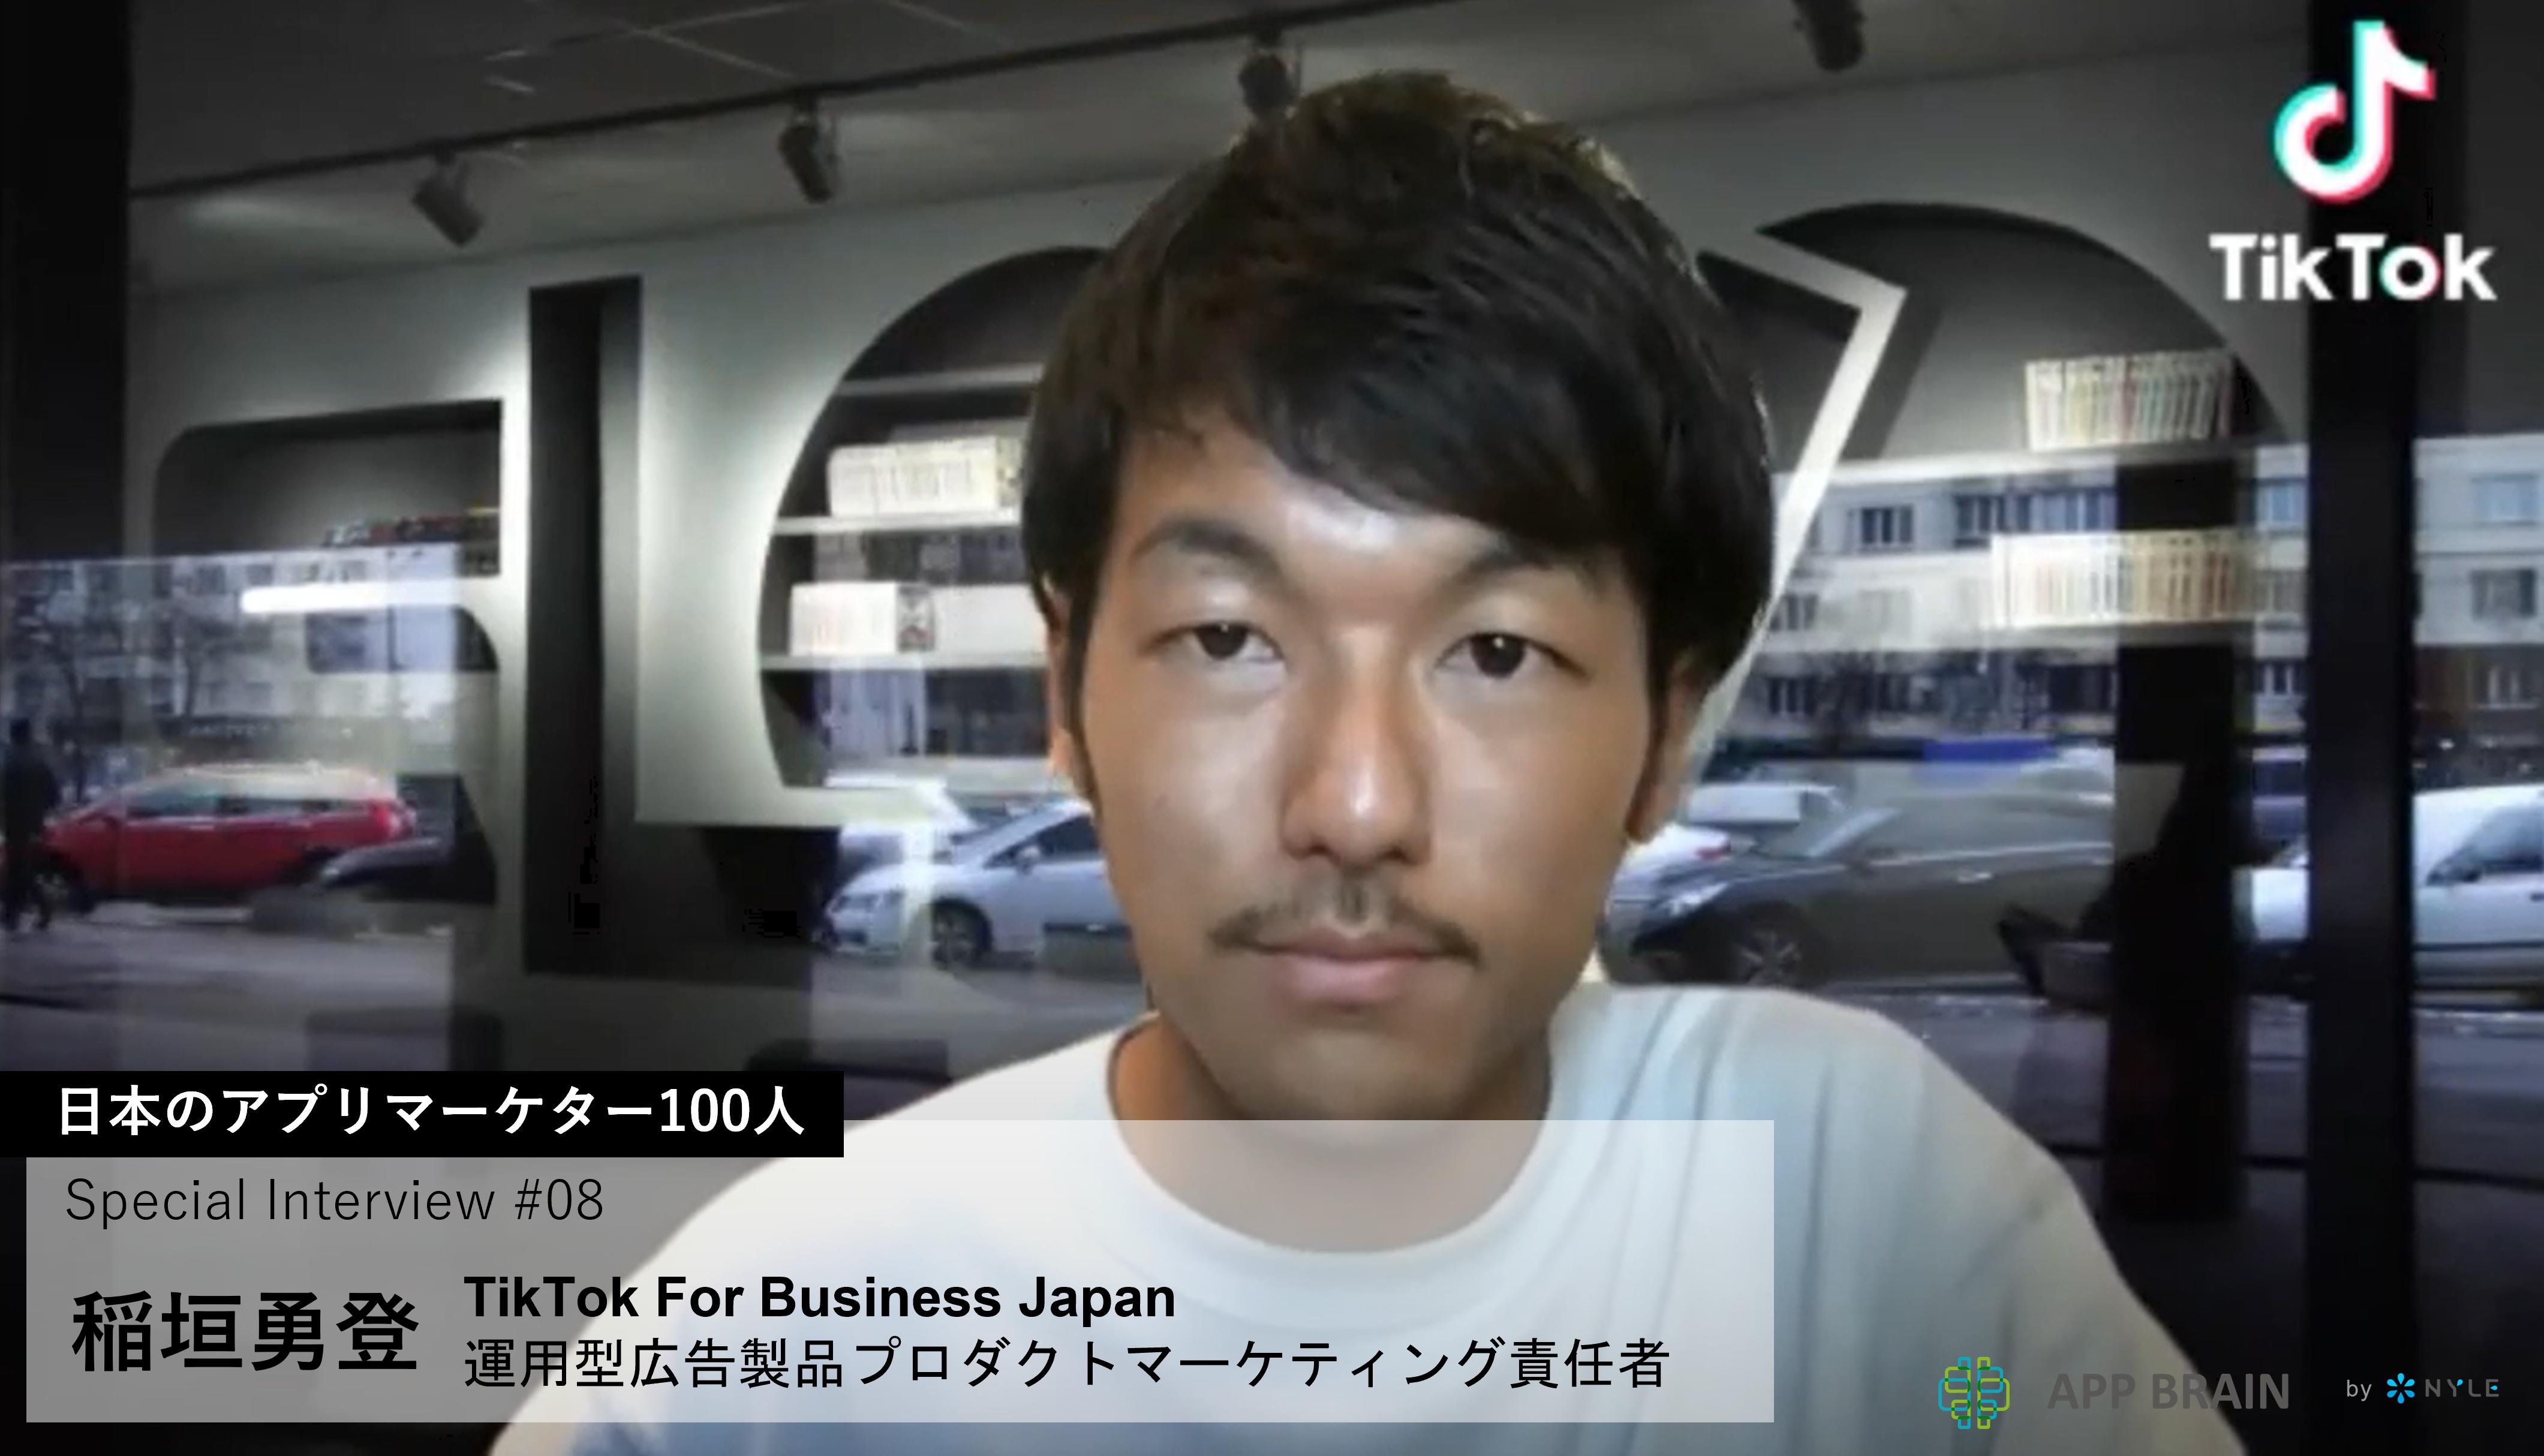 TikTok For Business Japan・稲垣勇登氏インタビュー「クライアントとメディア両方を経験したマーケターが語るこれからのアプリ業界」